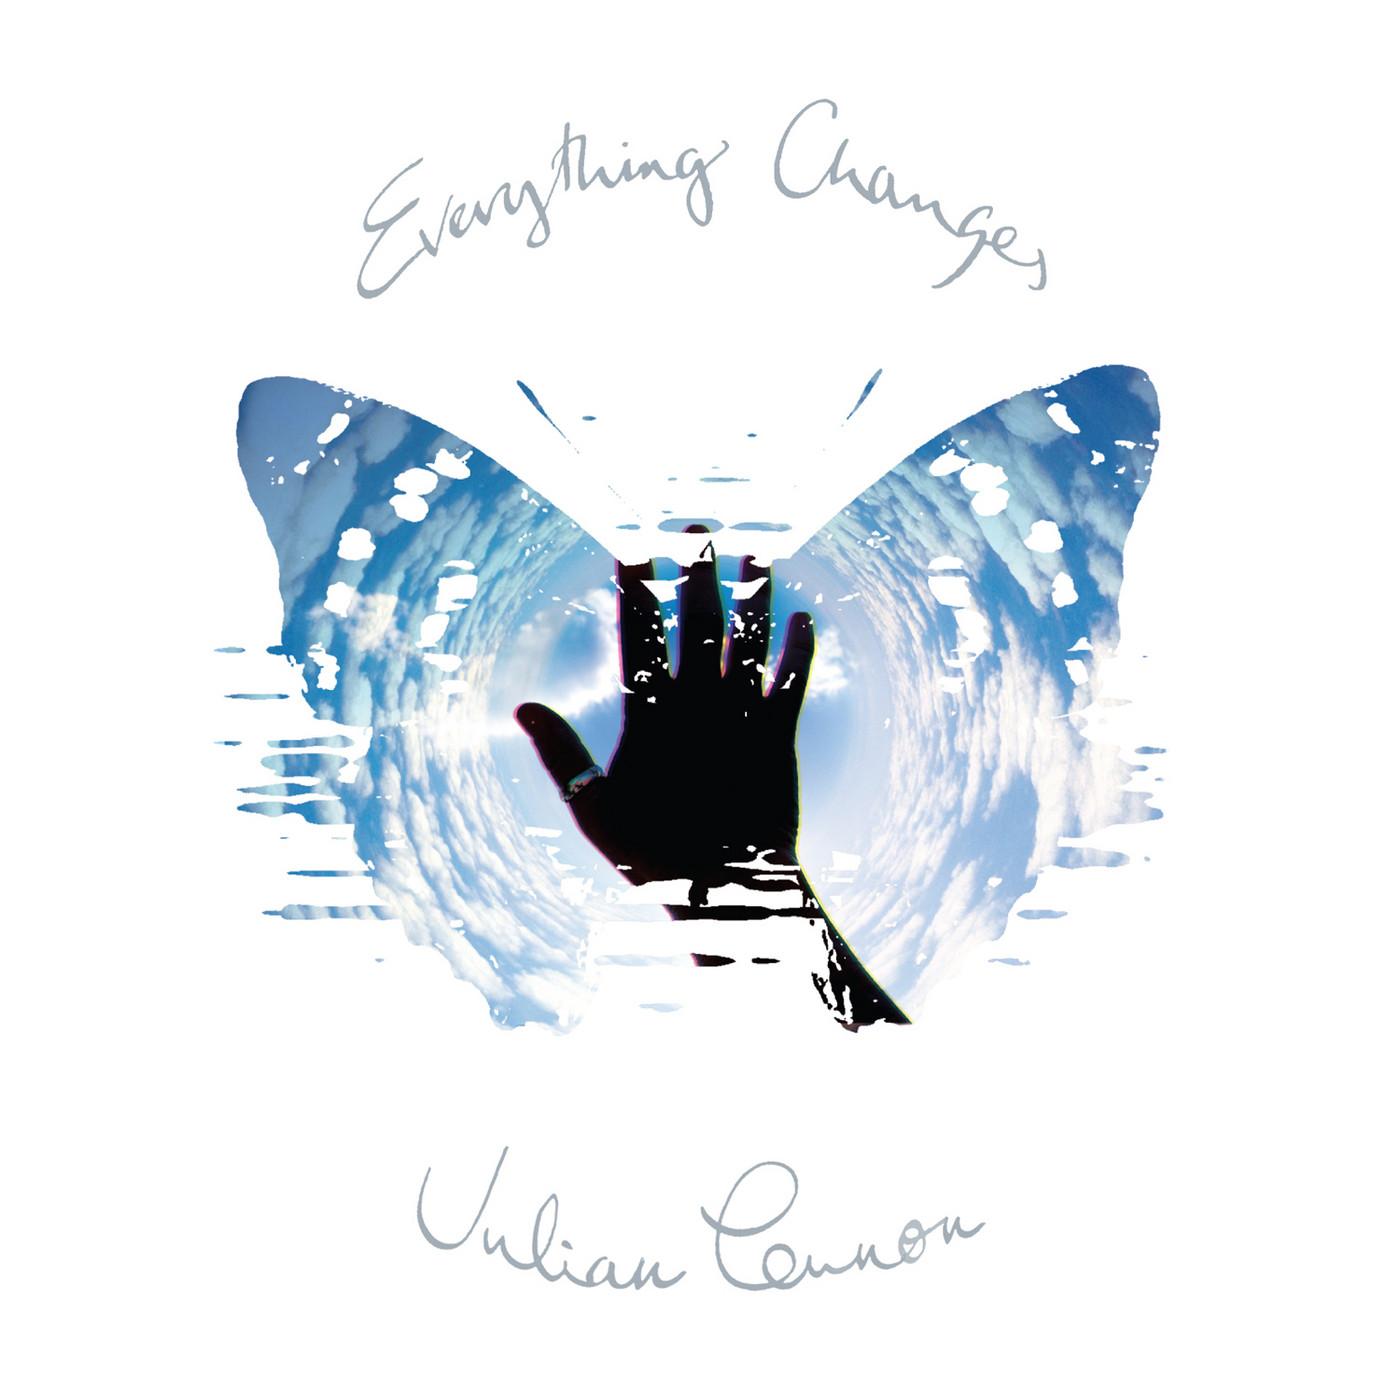 julian-lennon-everything-changes.jpg